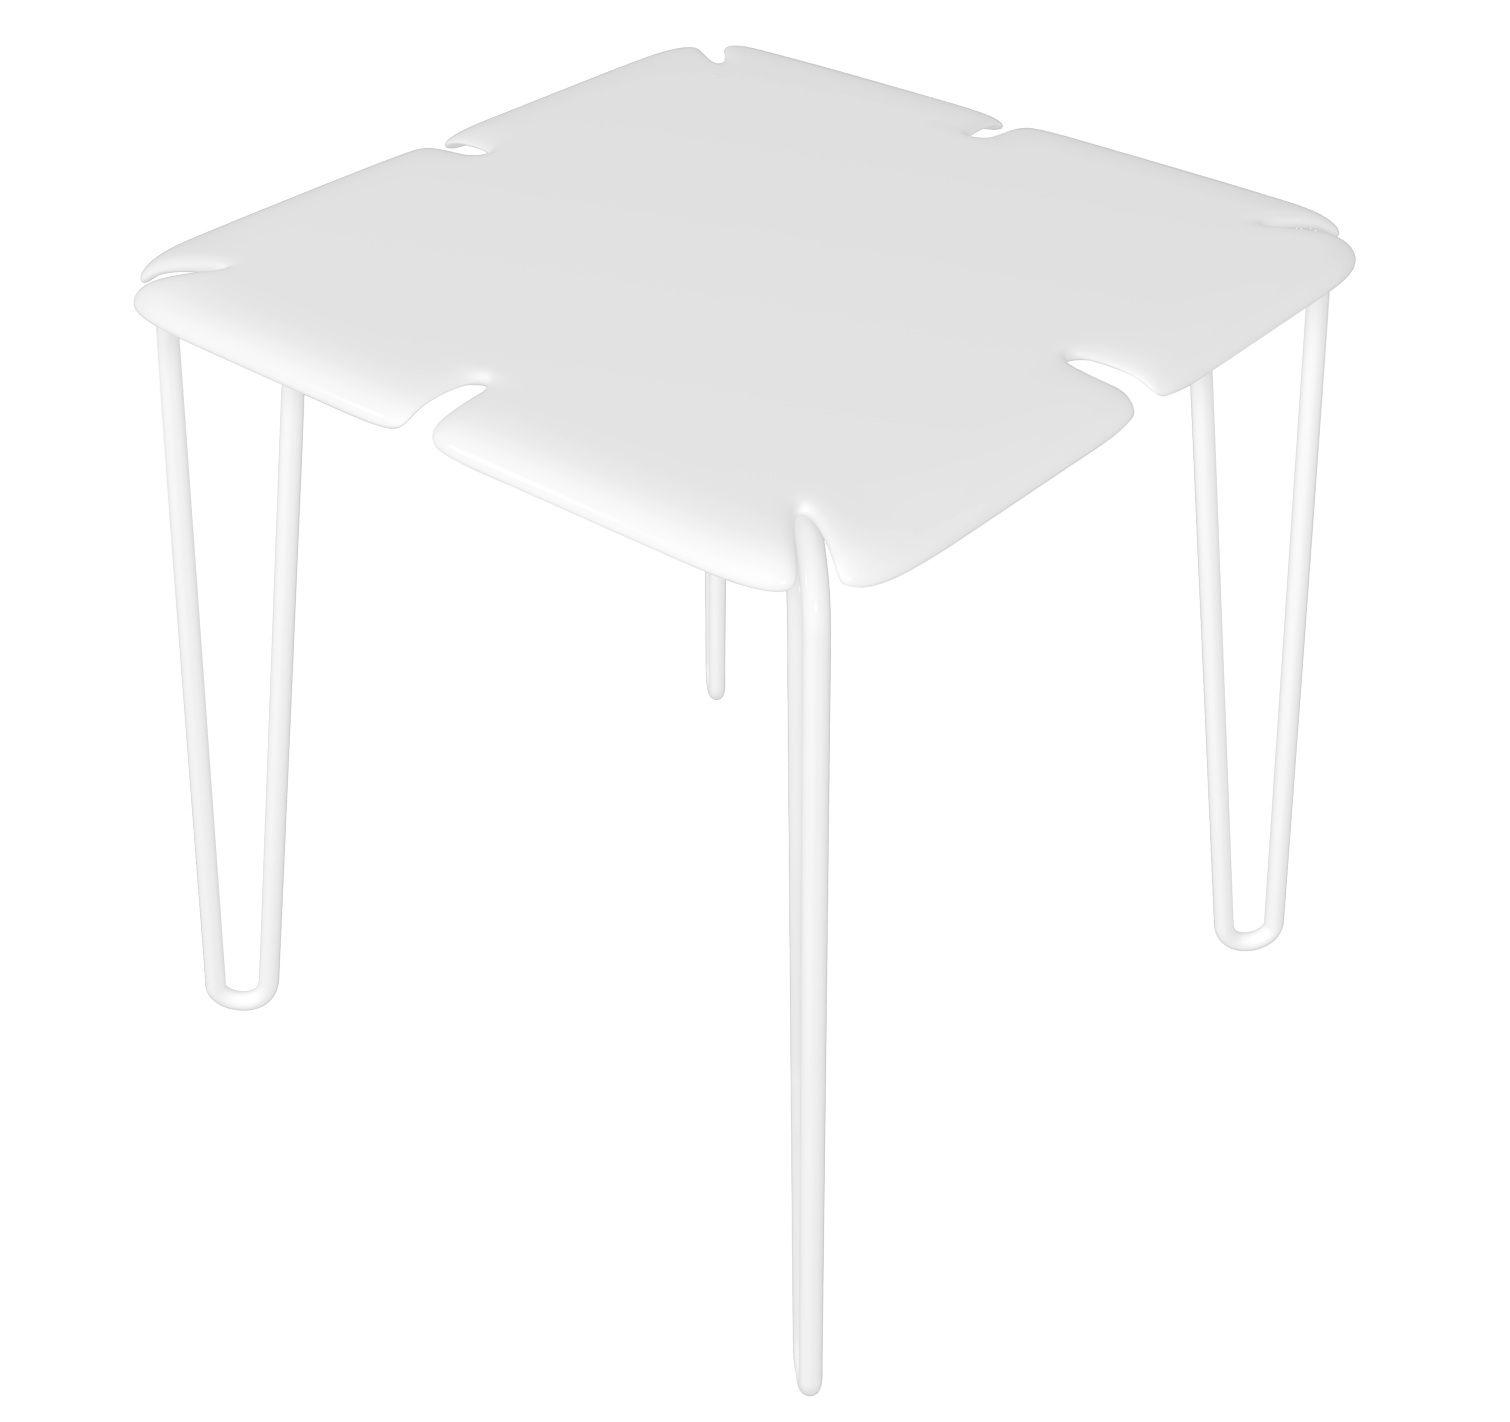 Outdoor - Tische - Chips quadratischer Tisch - MyYour -  - Corian, rostfreier bemalter Stahl